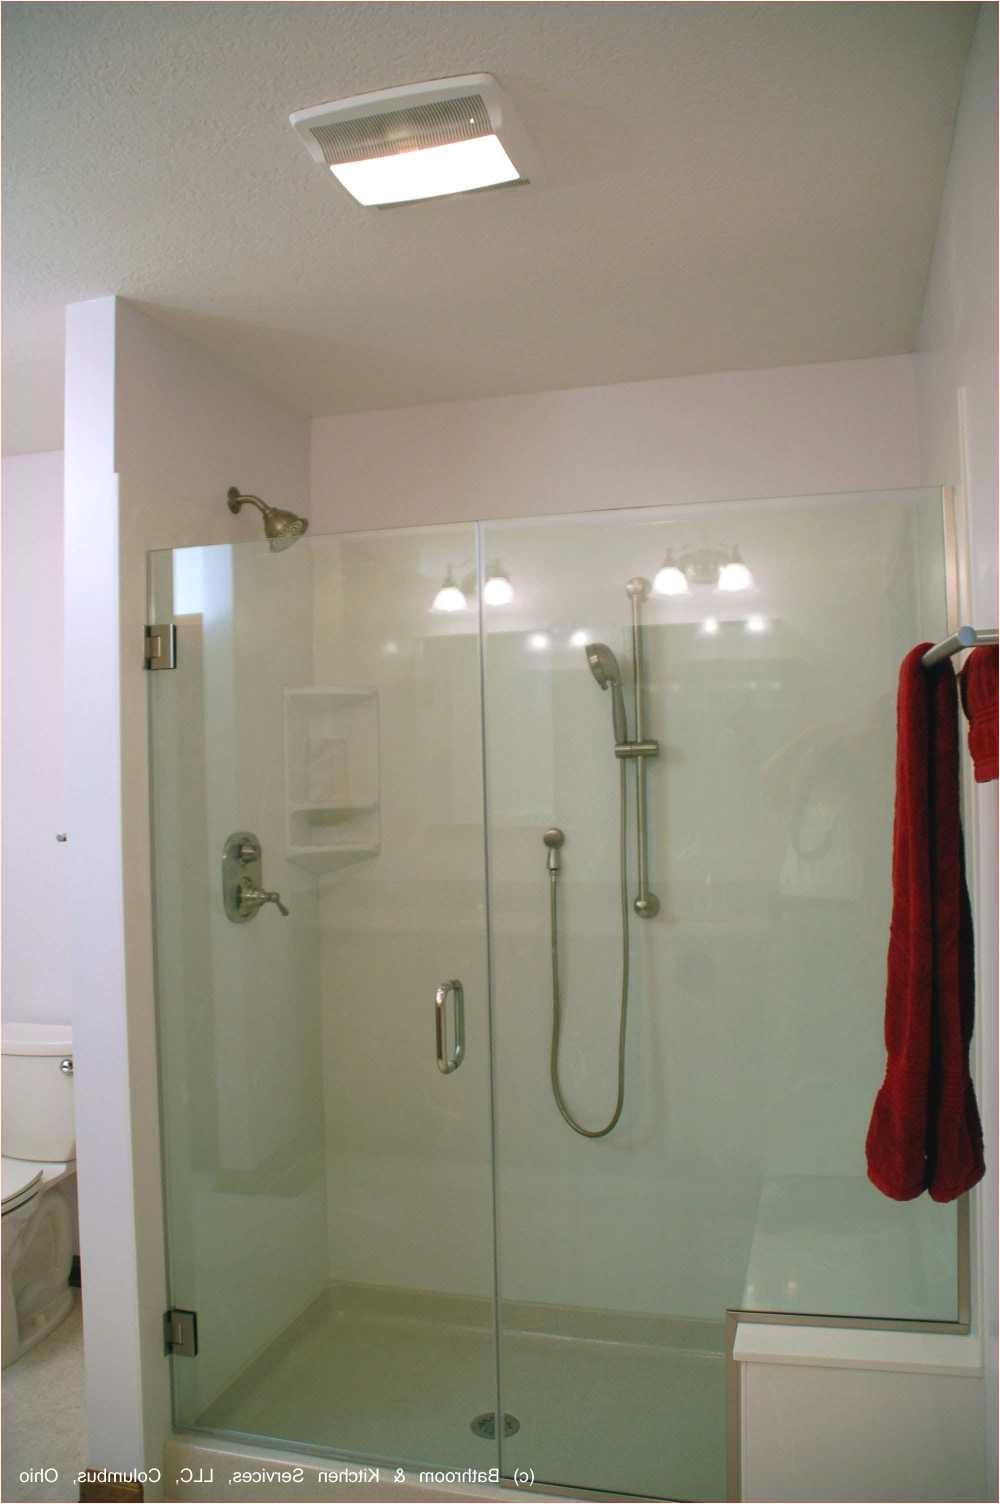 Bathtubs with Doors About Bathtub with Door for Handicap Bathtubs Information